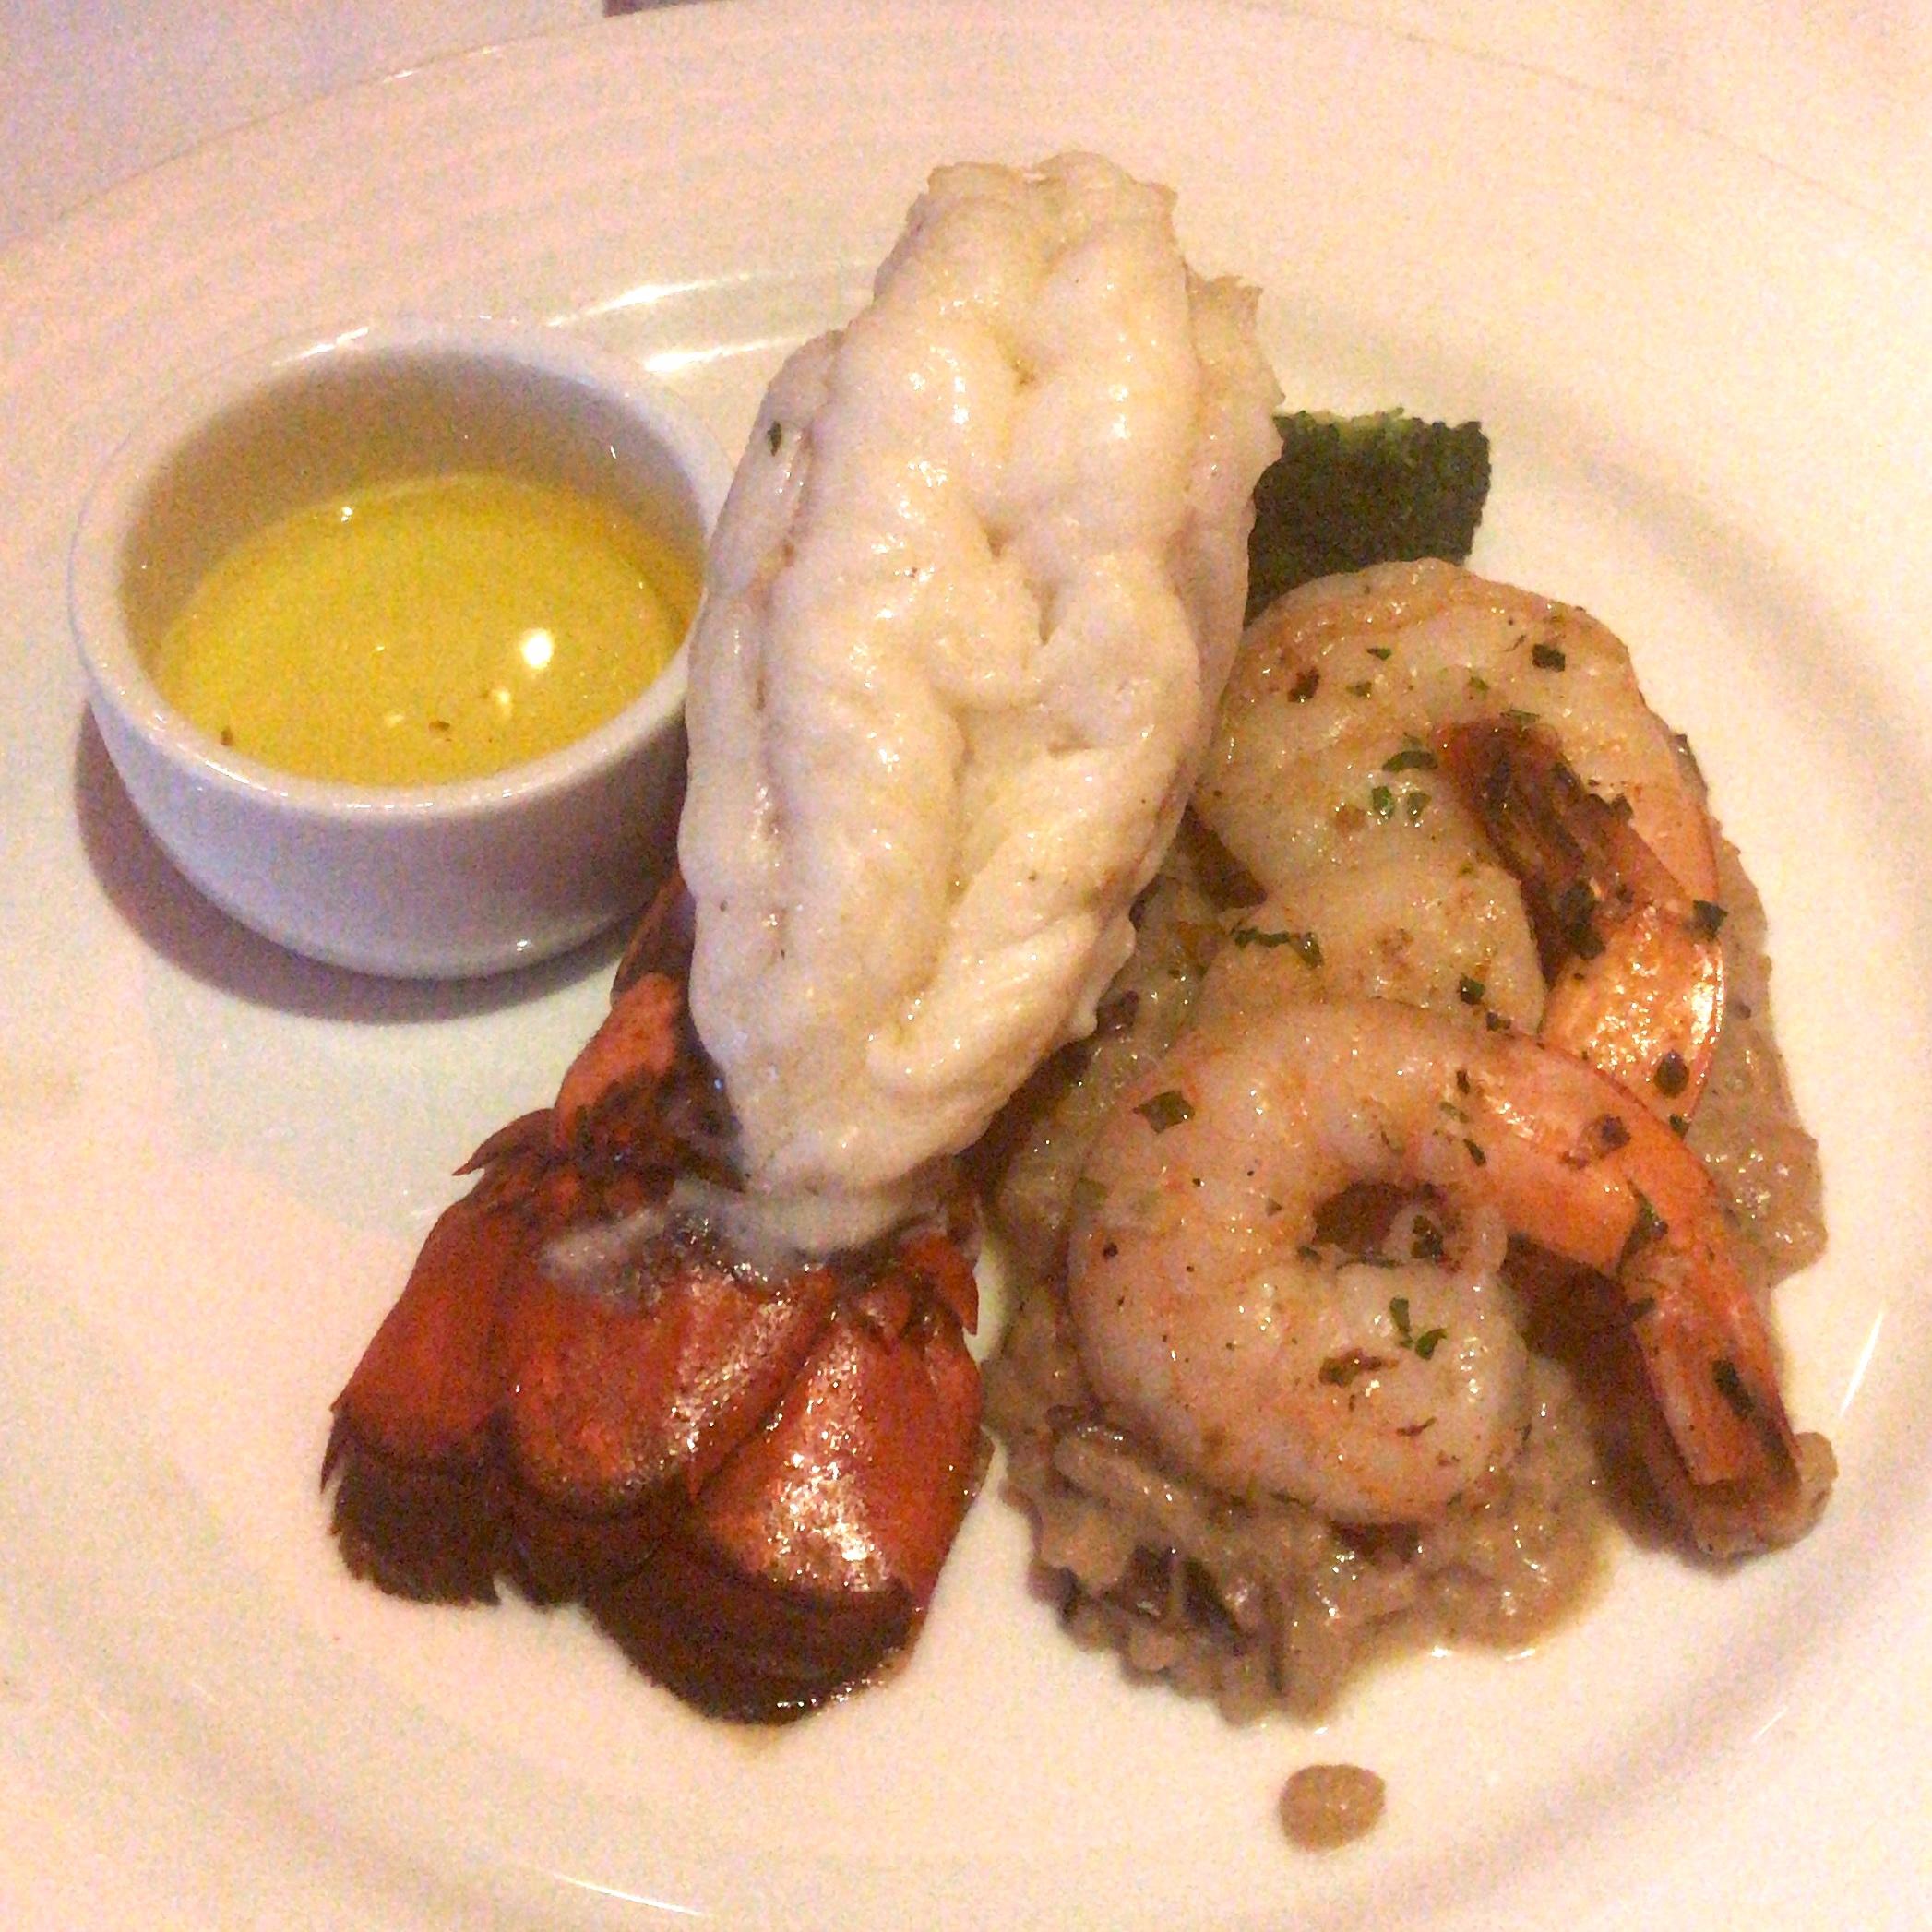 Lobster Tail & Grilled Shrimp